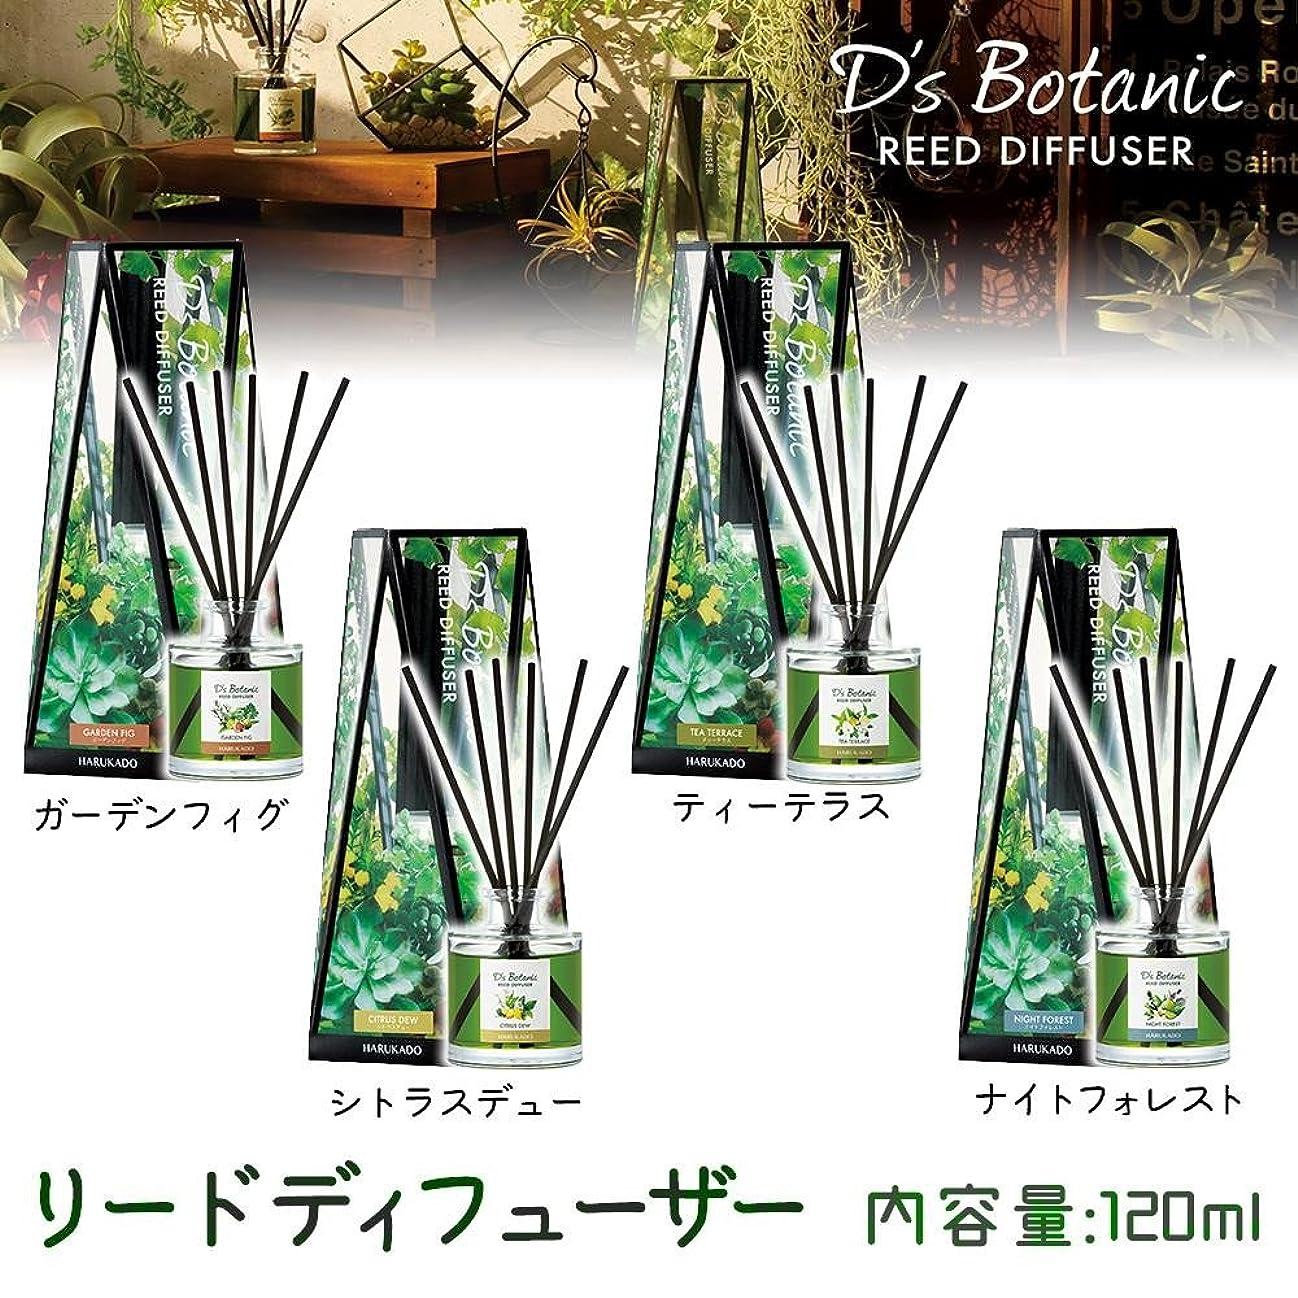 認識成長新しい意味D'S Botanic(デイズボタニック) リードディフューザー ルームフレグランス 120ml ティーテラス?6230【人気 おすすめ 】